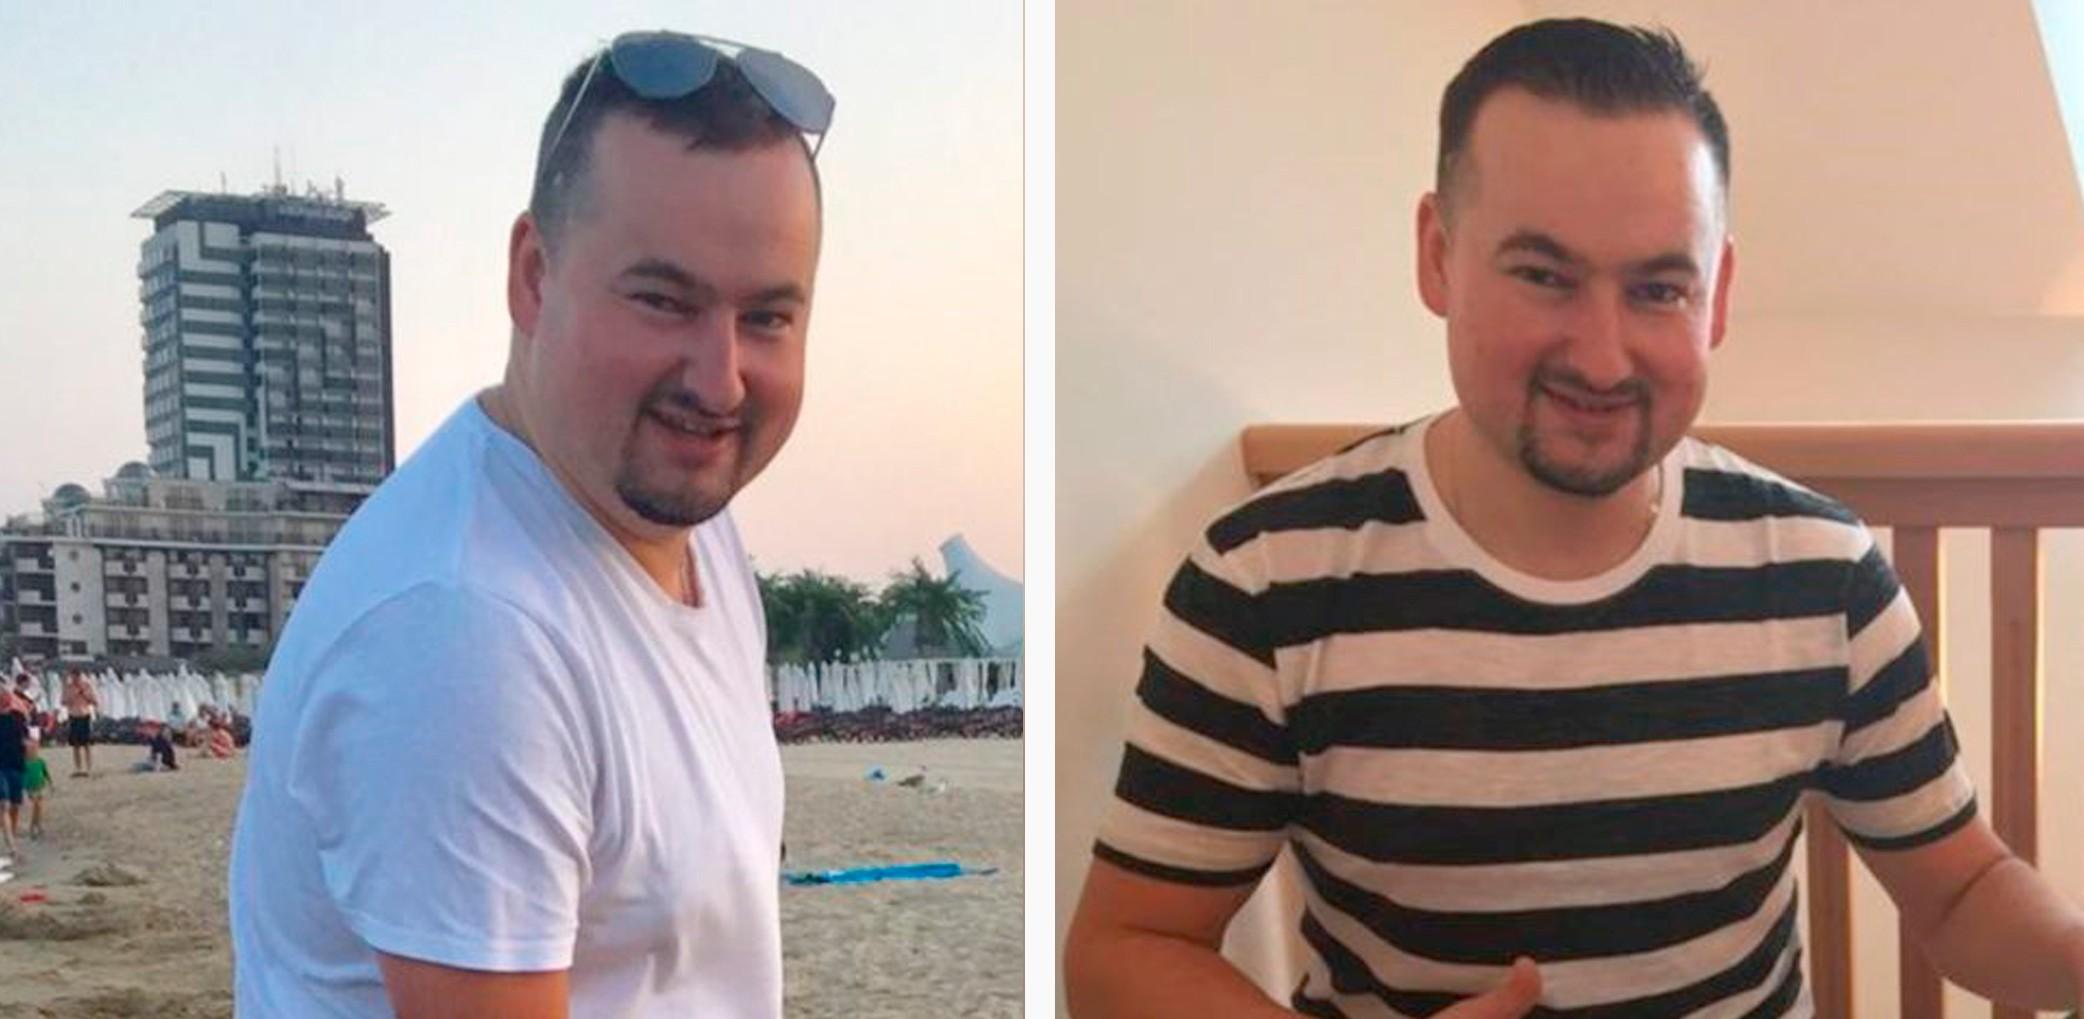 Vďaka KetoMixu Mirek schudol 17 kg už za 2 mesiace